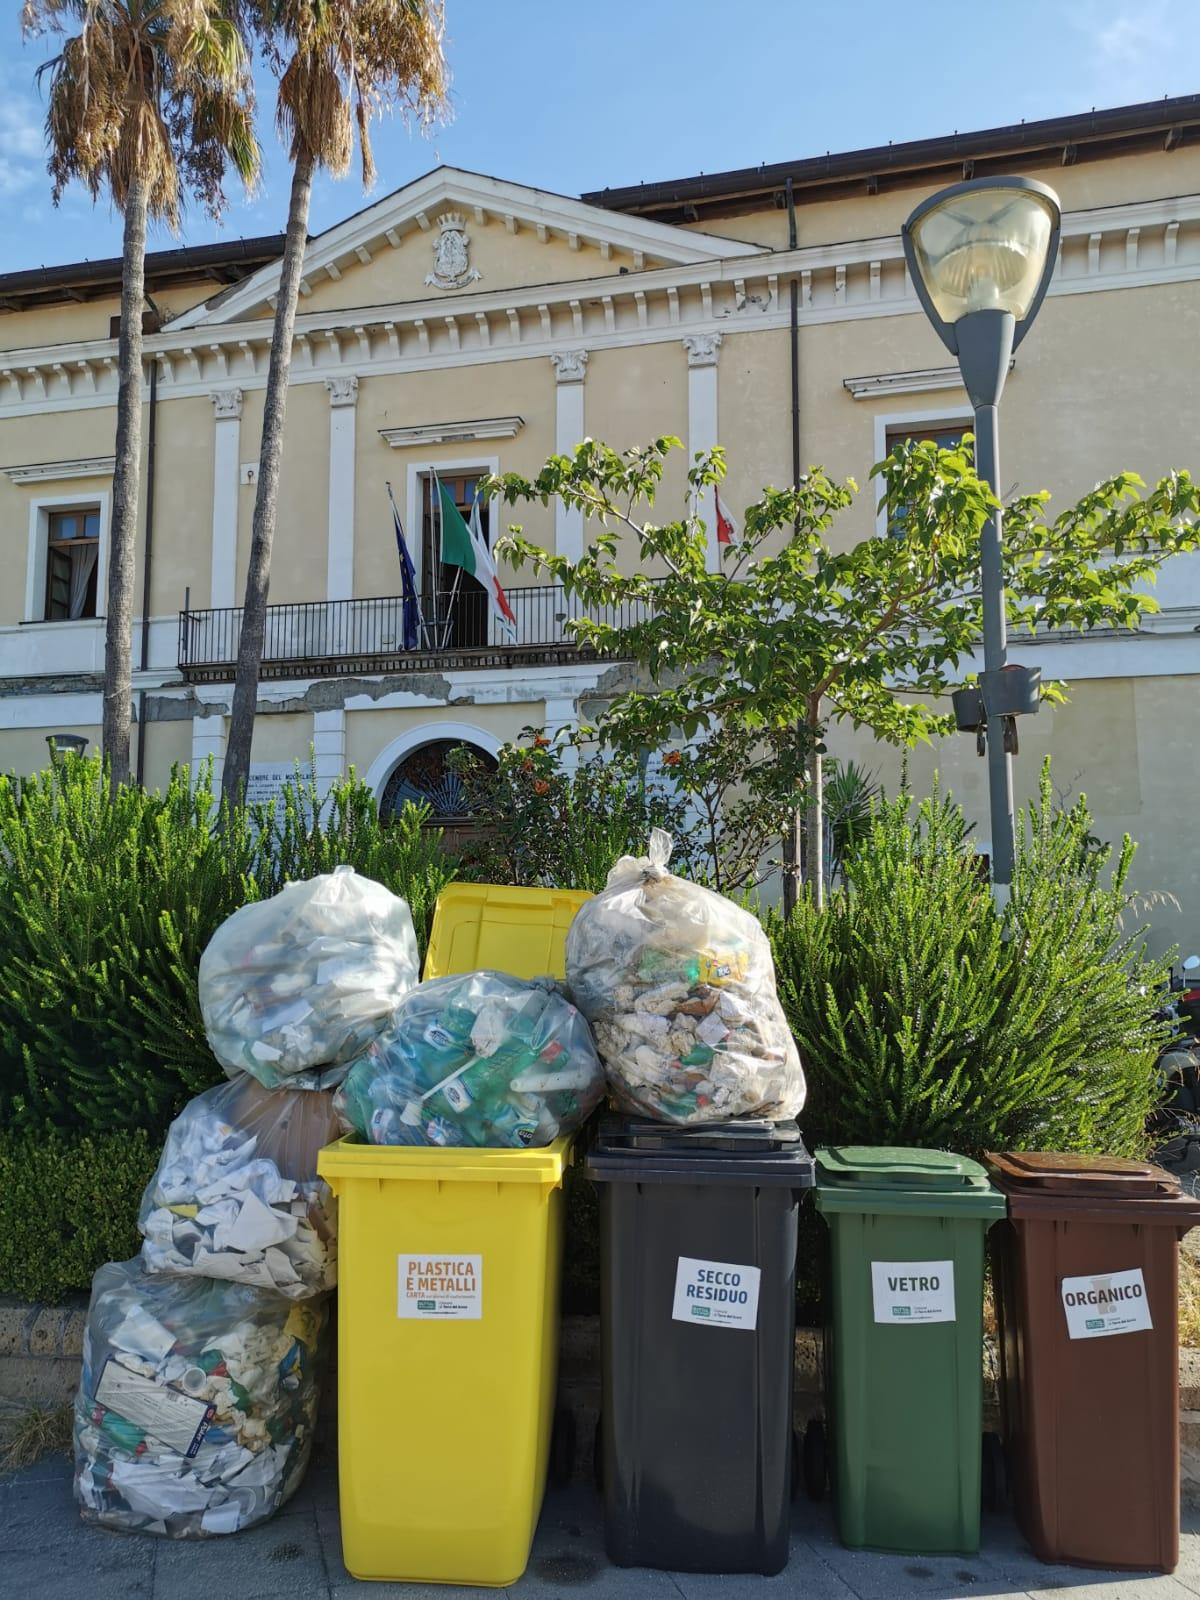 Cumuli di rifiuti sotto gli uffici del sindaco: disastro spazzatura a Torre del Greco